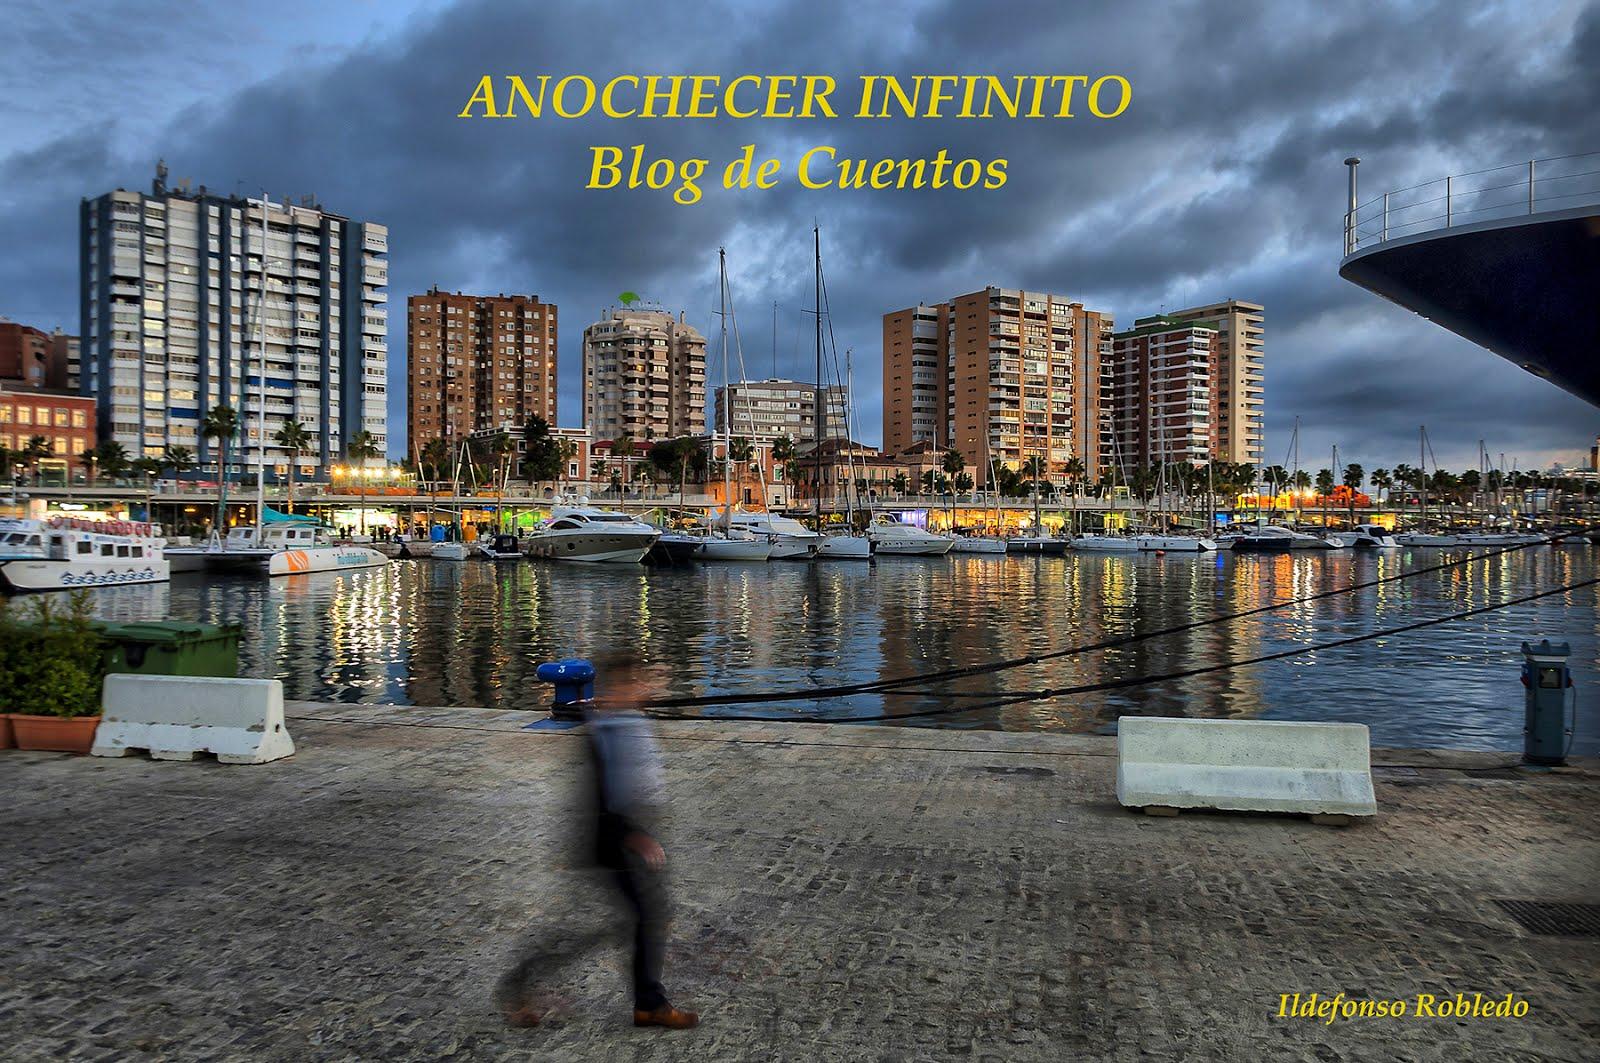 Mi Blog de Cuentos